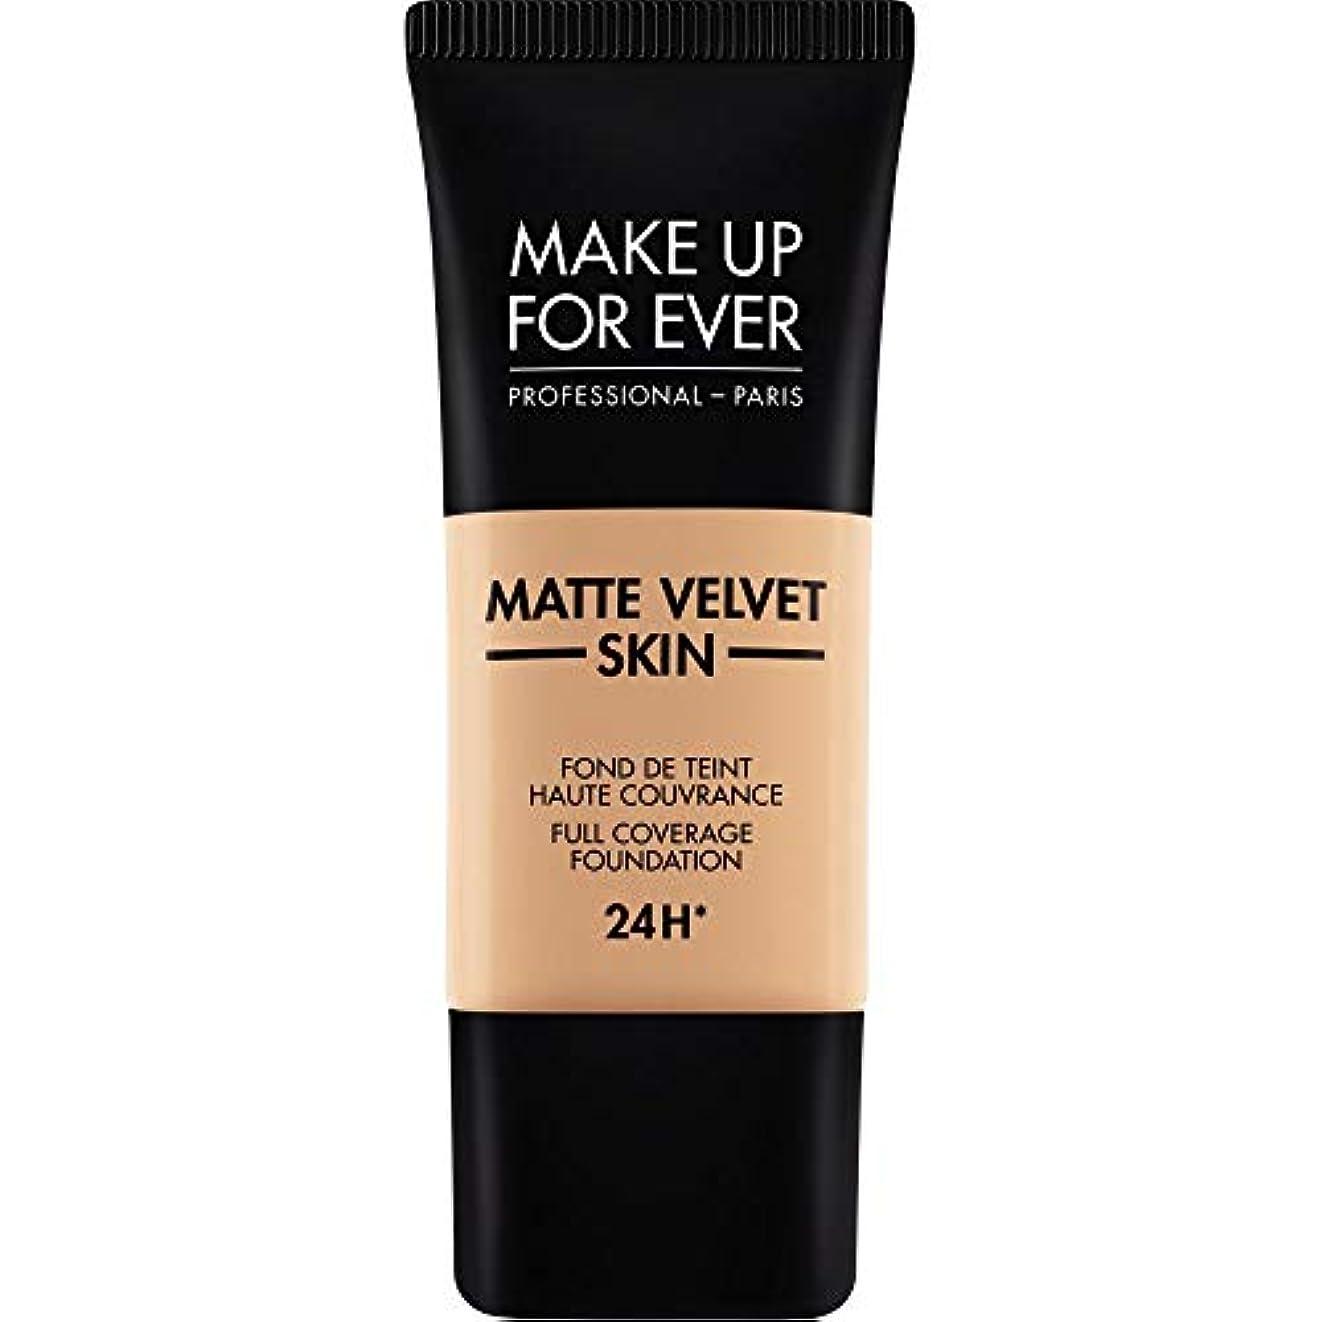 異邦人観光に行く特別な[MAKE UP FOR EVER ] これまでマットベルベットの皮膚のフルカバレッジ基礎30ミリリットルのY325を補う - 肉 - MAKE UP FOR EVER Matte Velvet Skin Full Coverage...